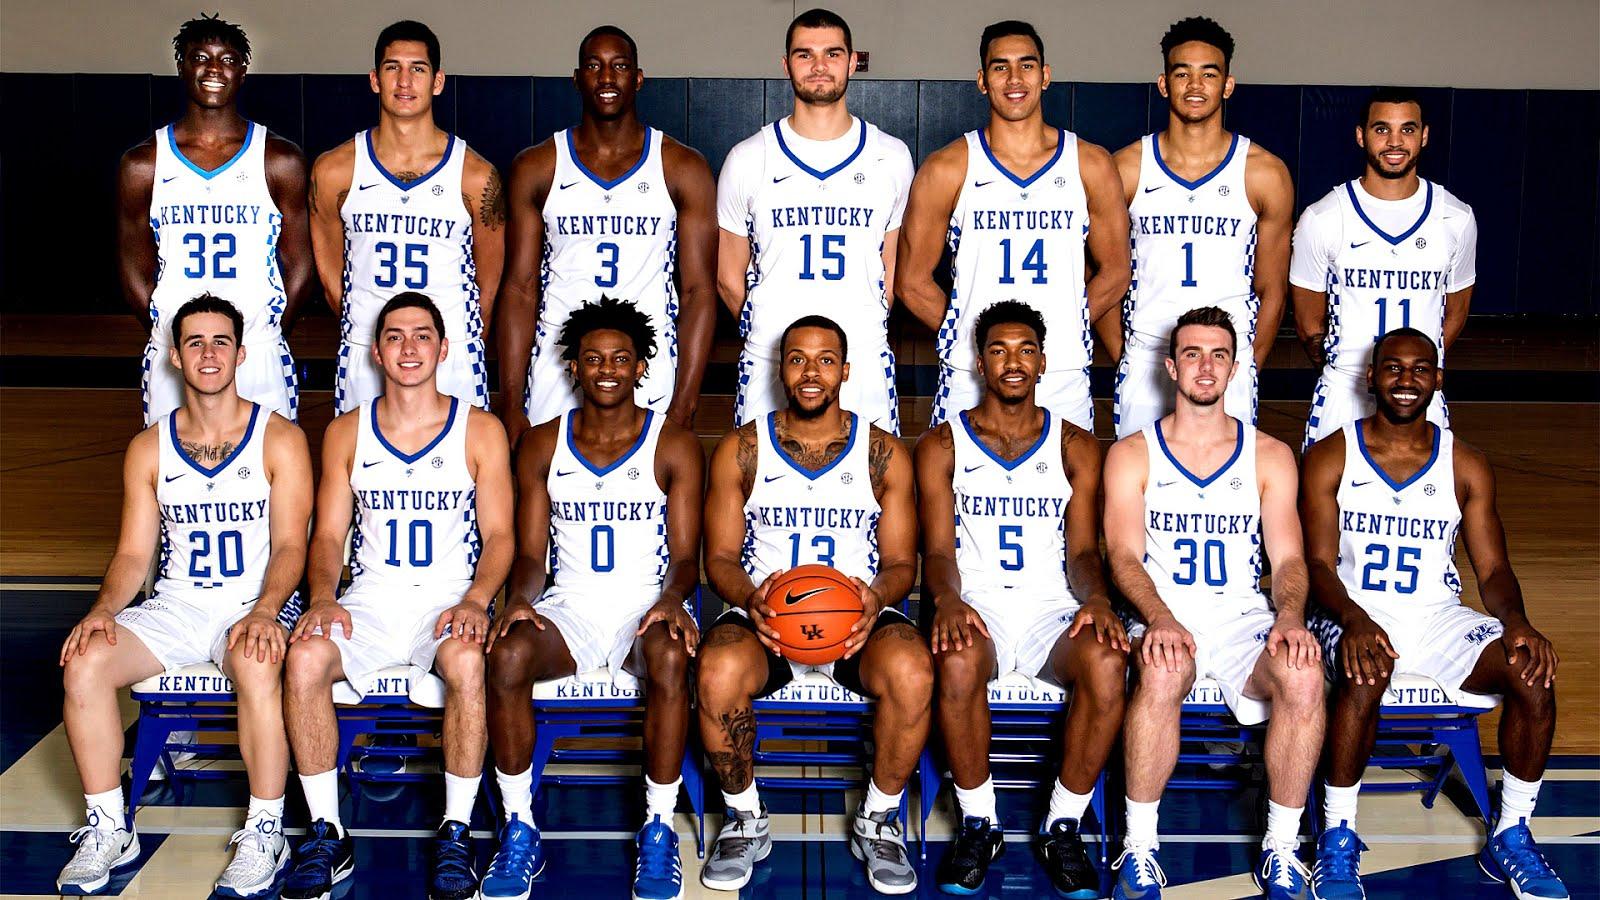 2014-15 Kentucky Wildcats Men's Basketball Team